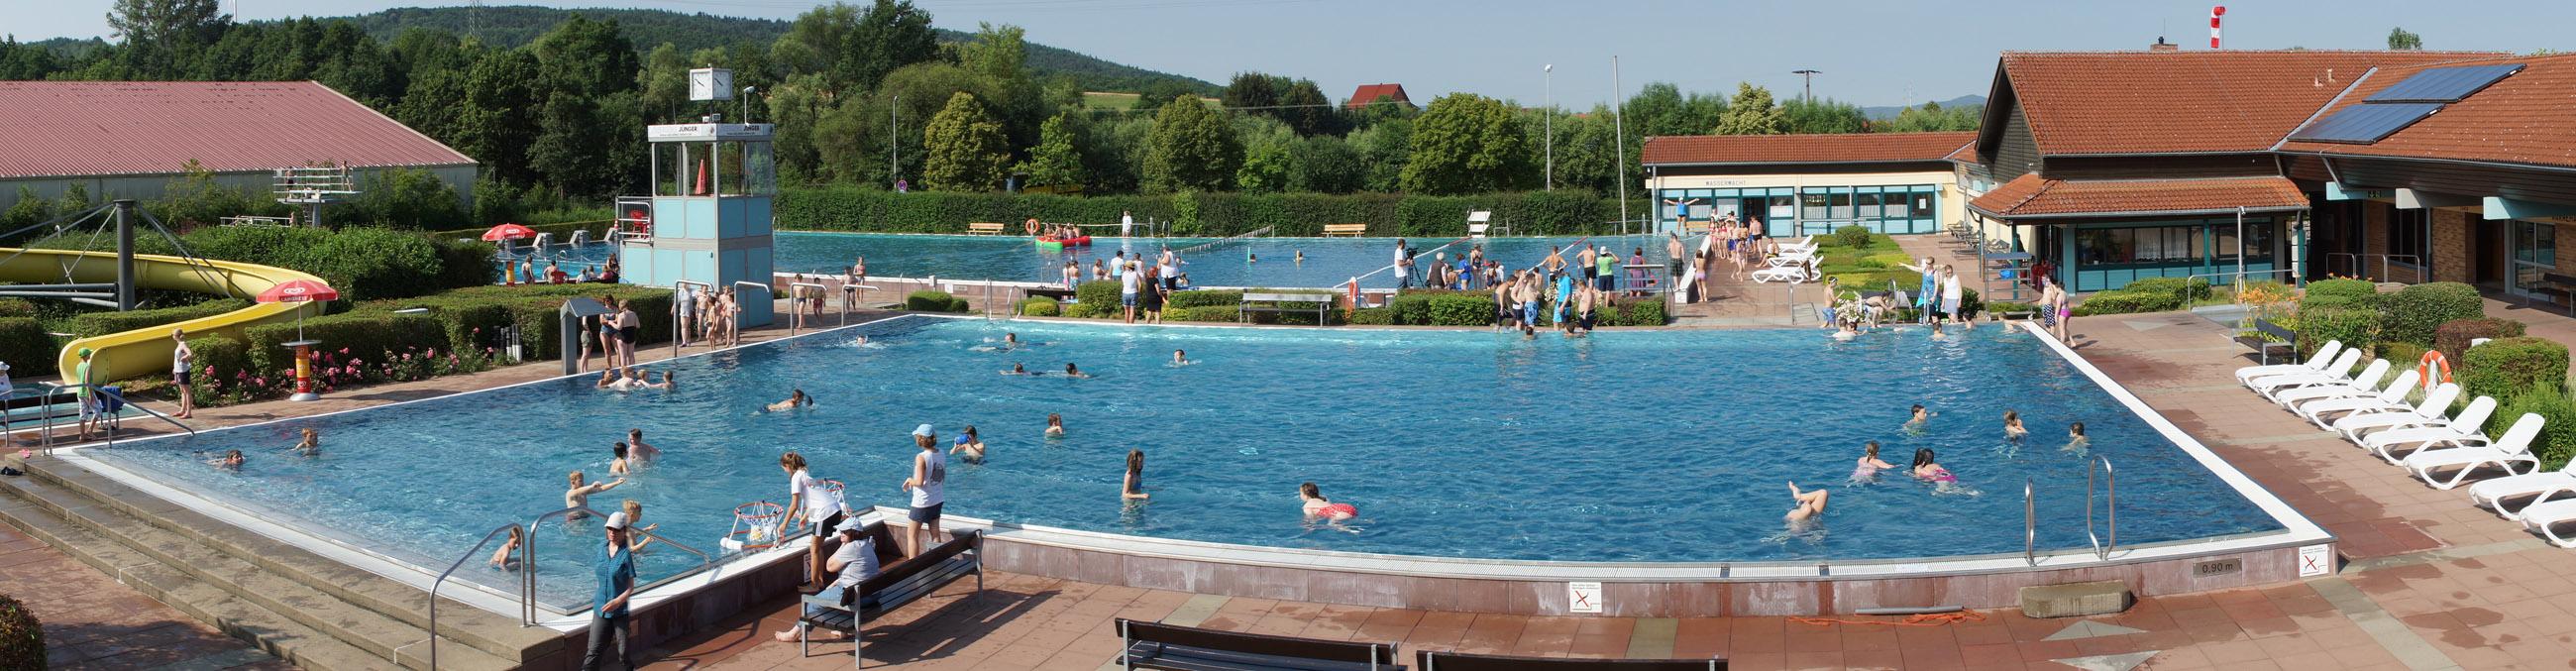 Integratives Schwimmfest Zapfendorf 2015 1